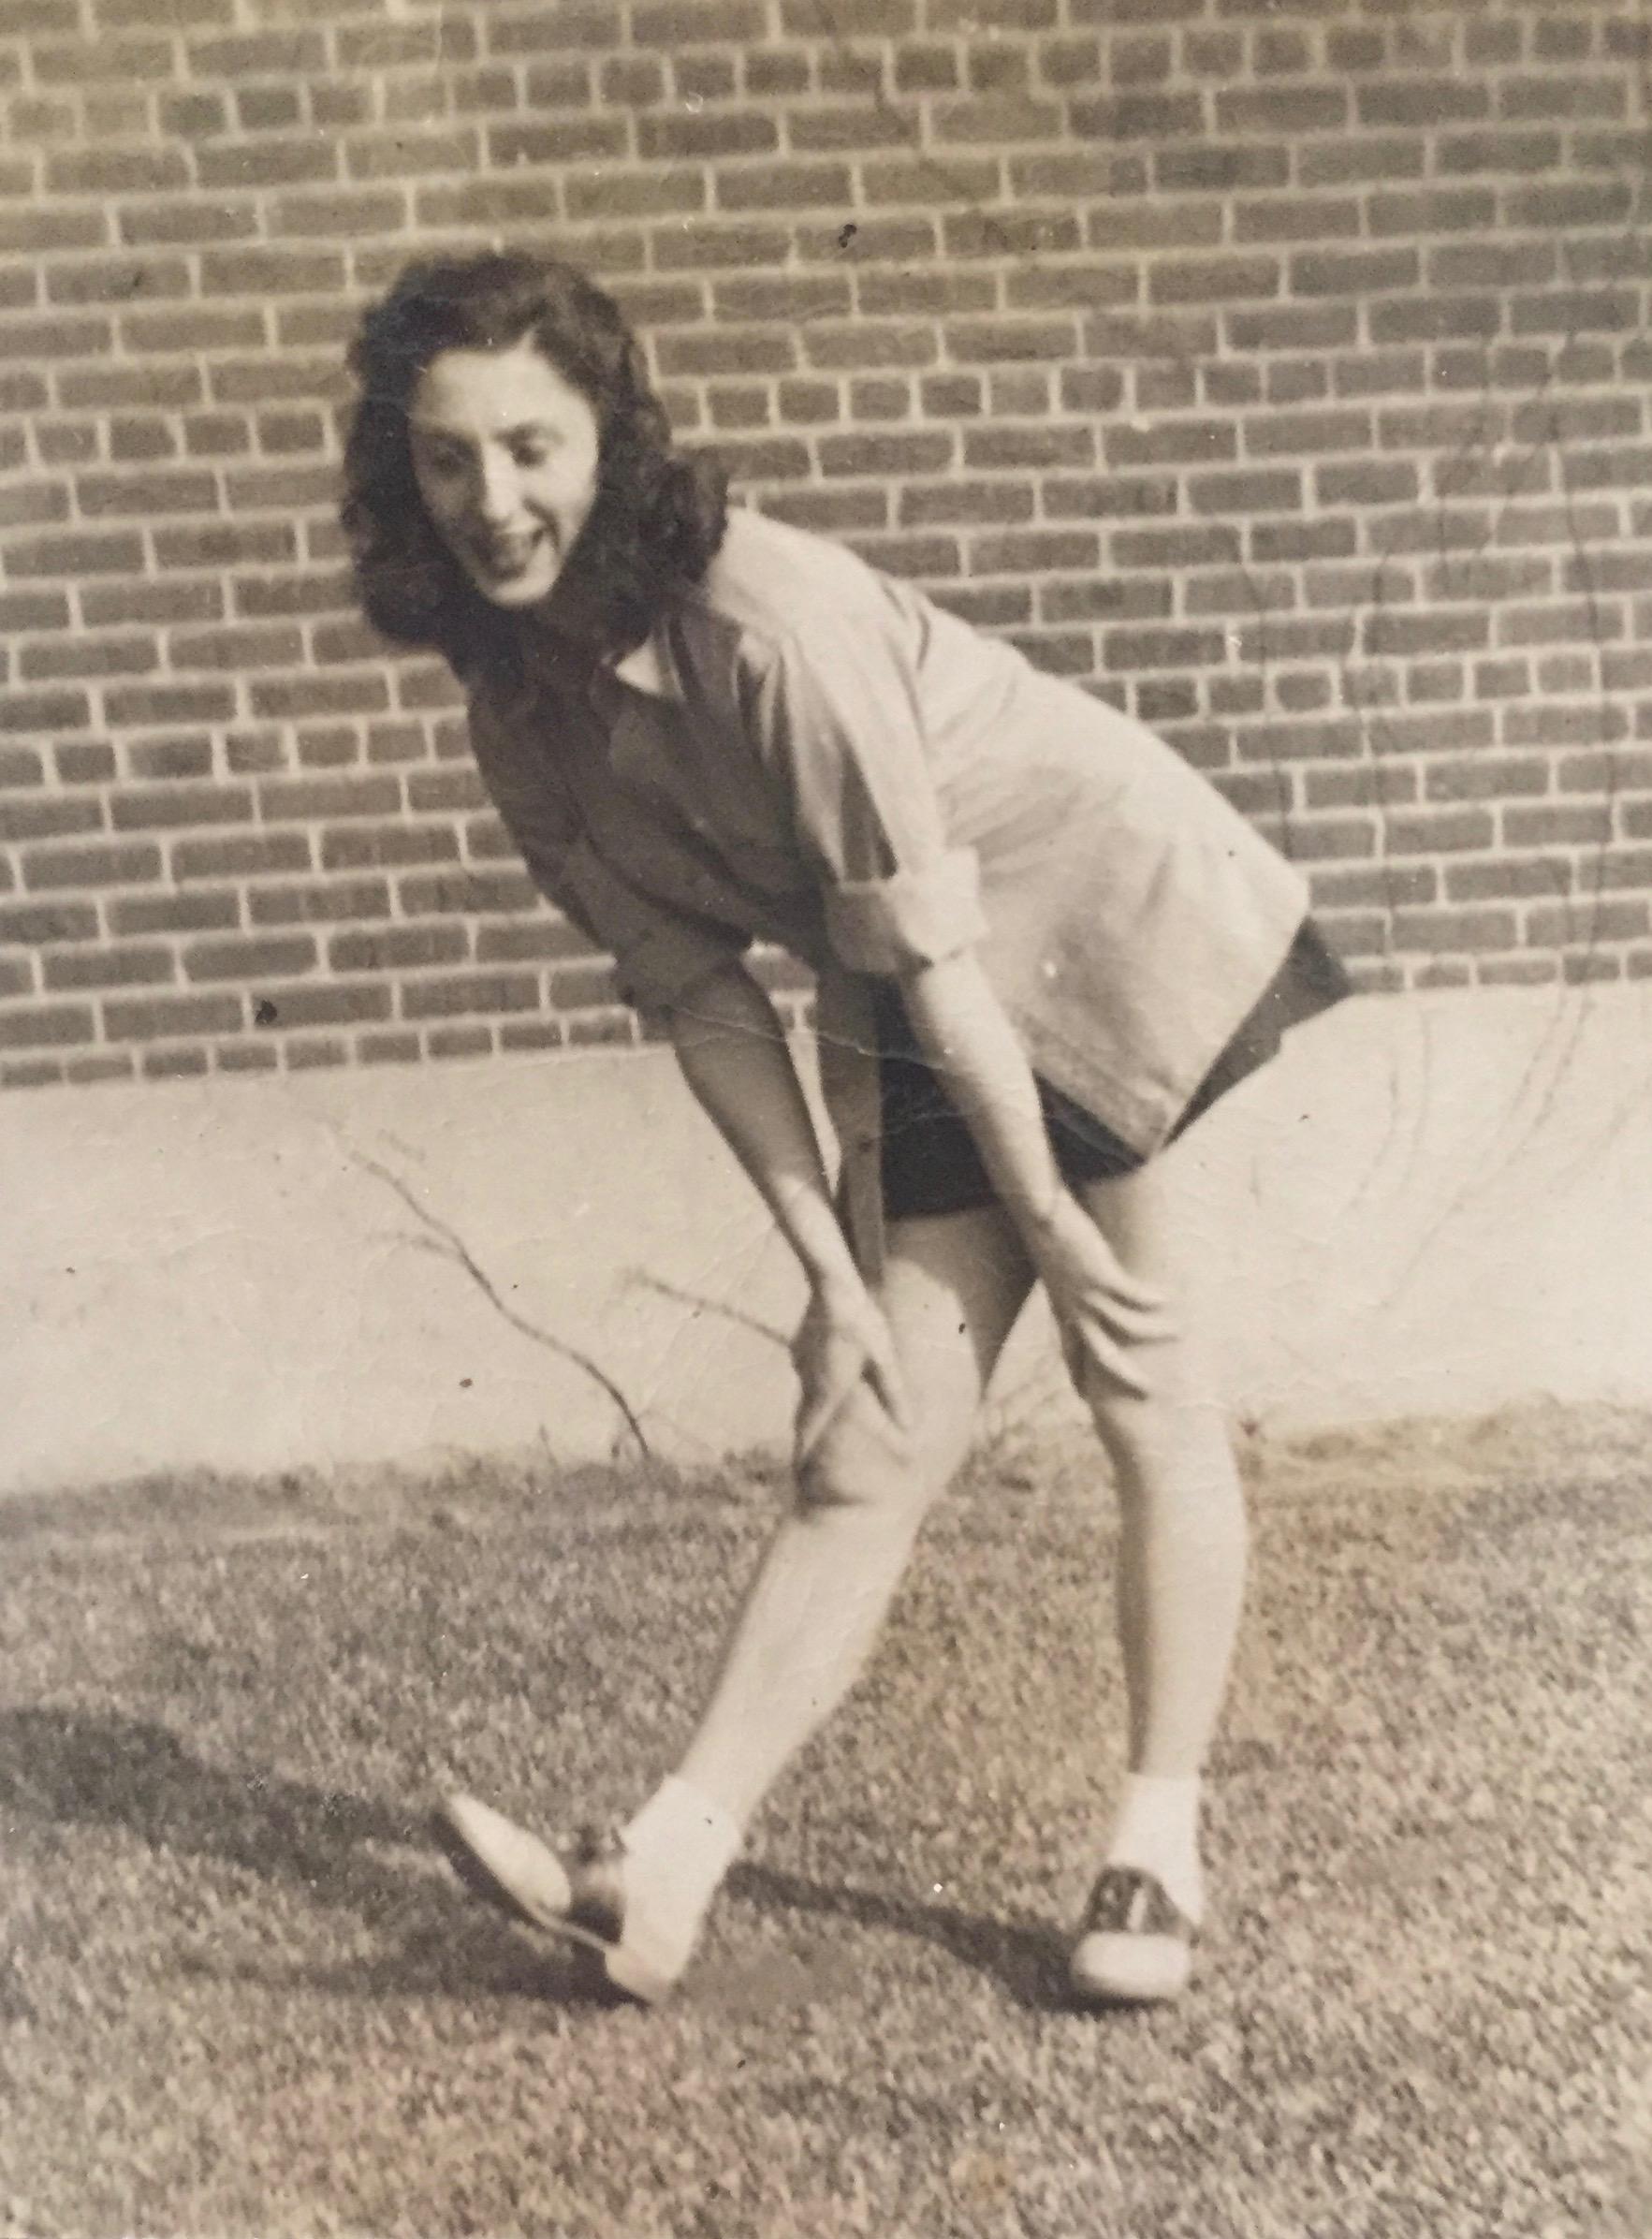 Augusta, cheer practice at Smithtown High School, 1940s.